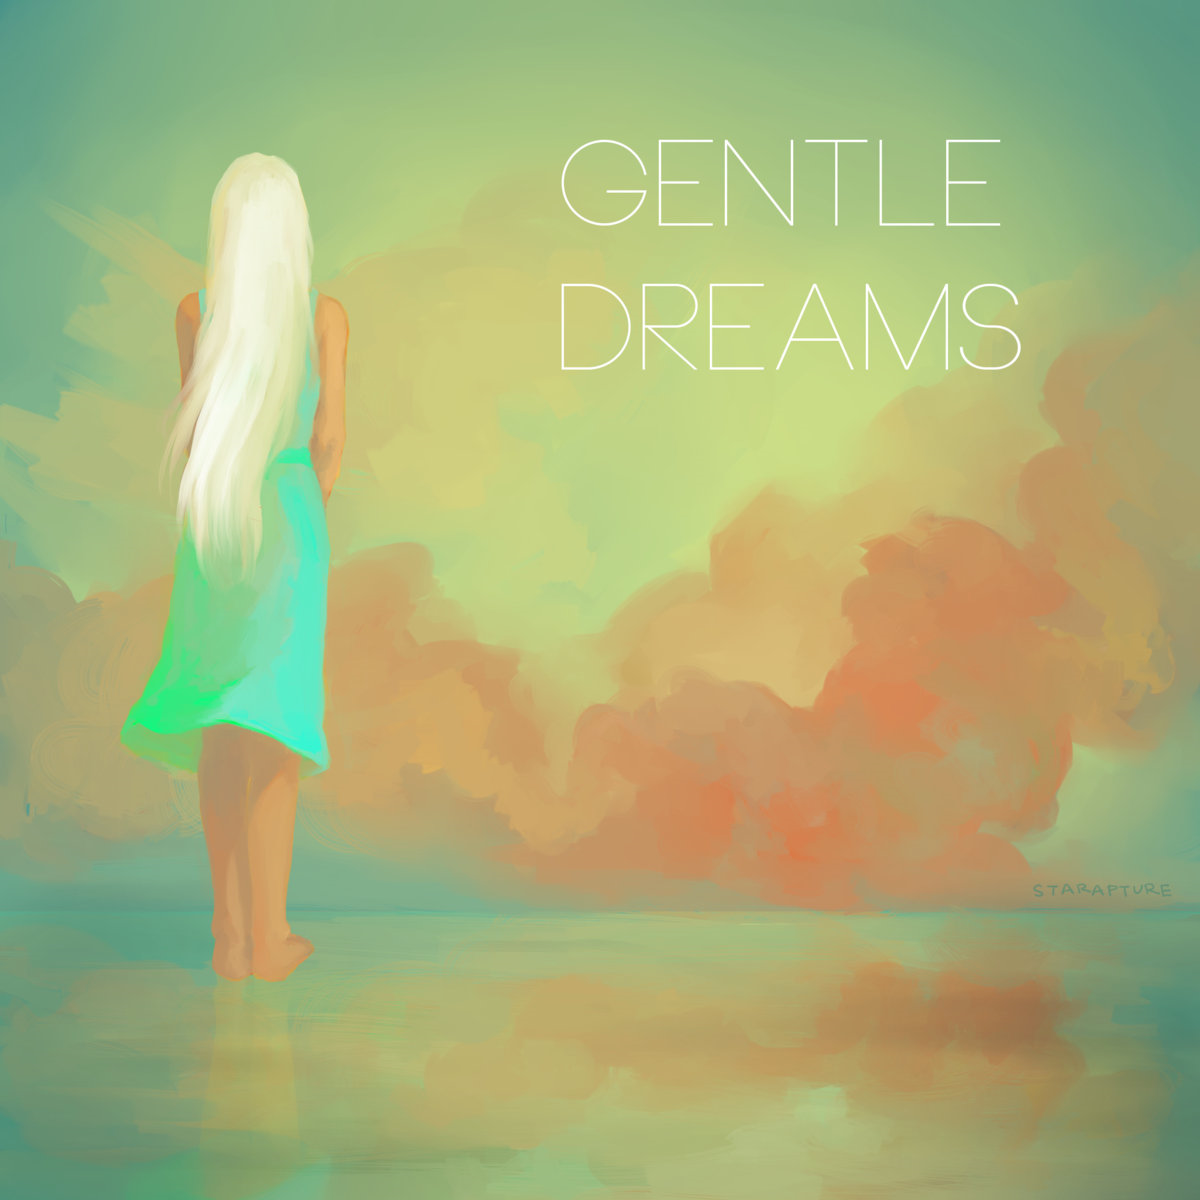 Gentle Dreams